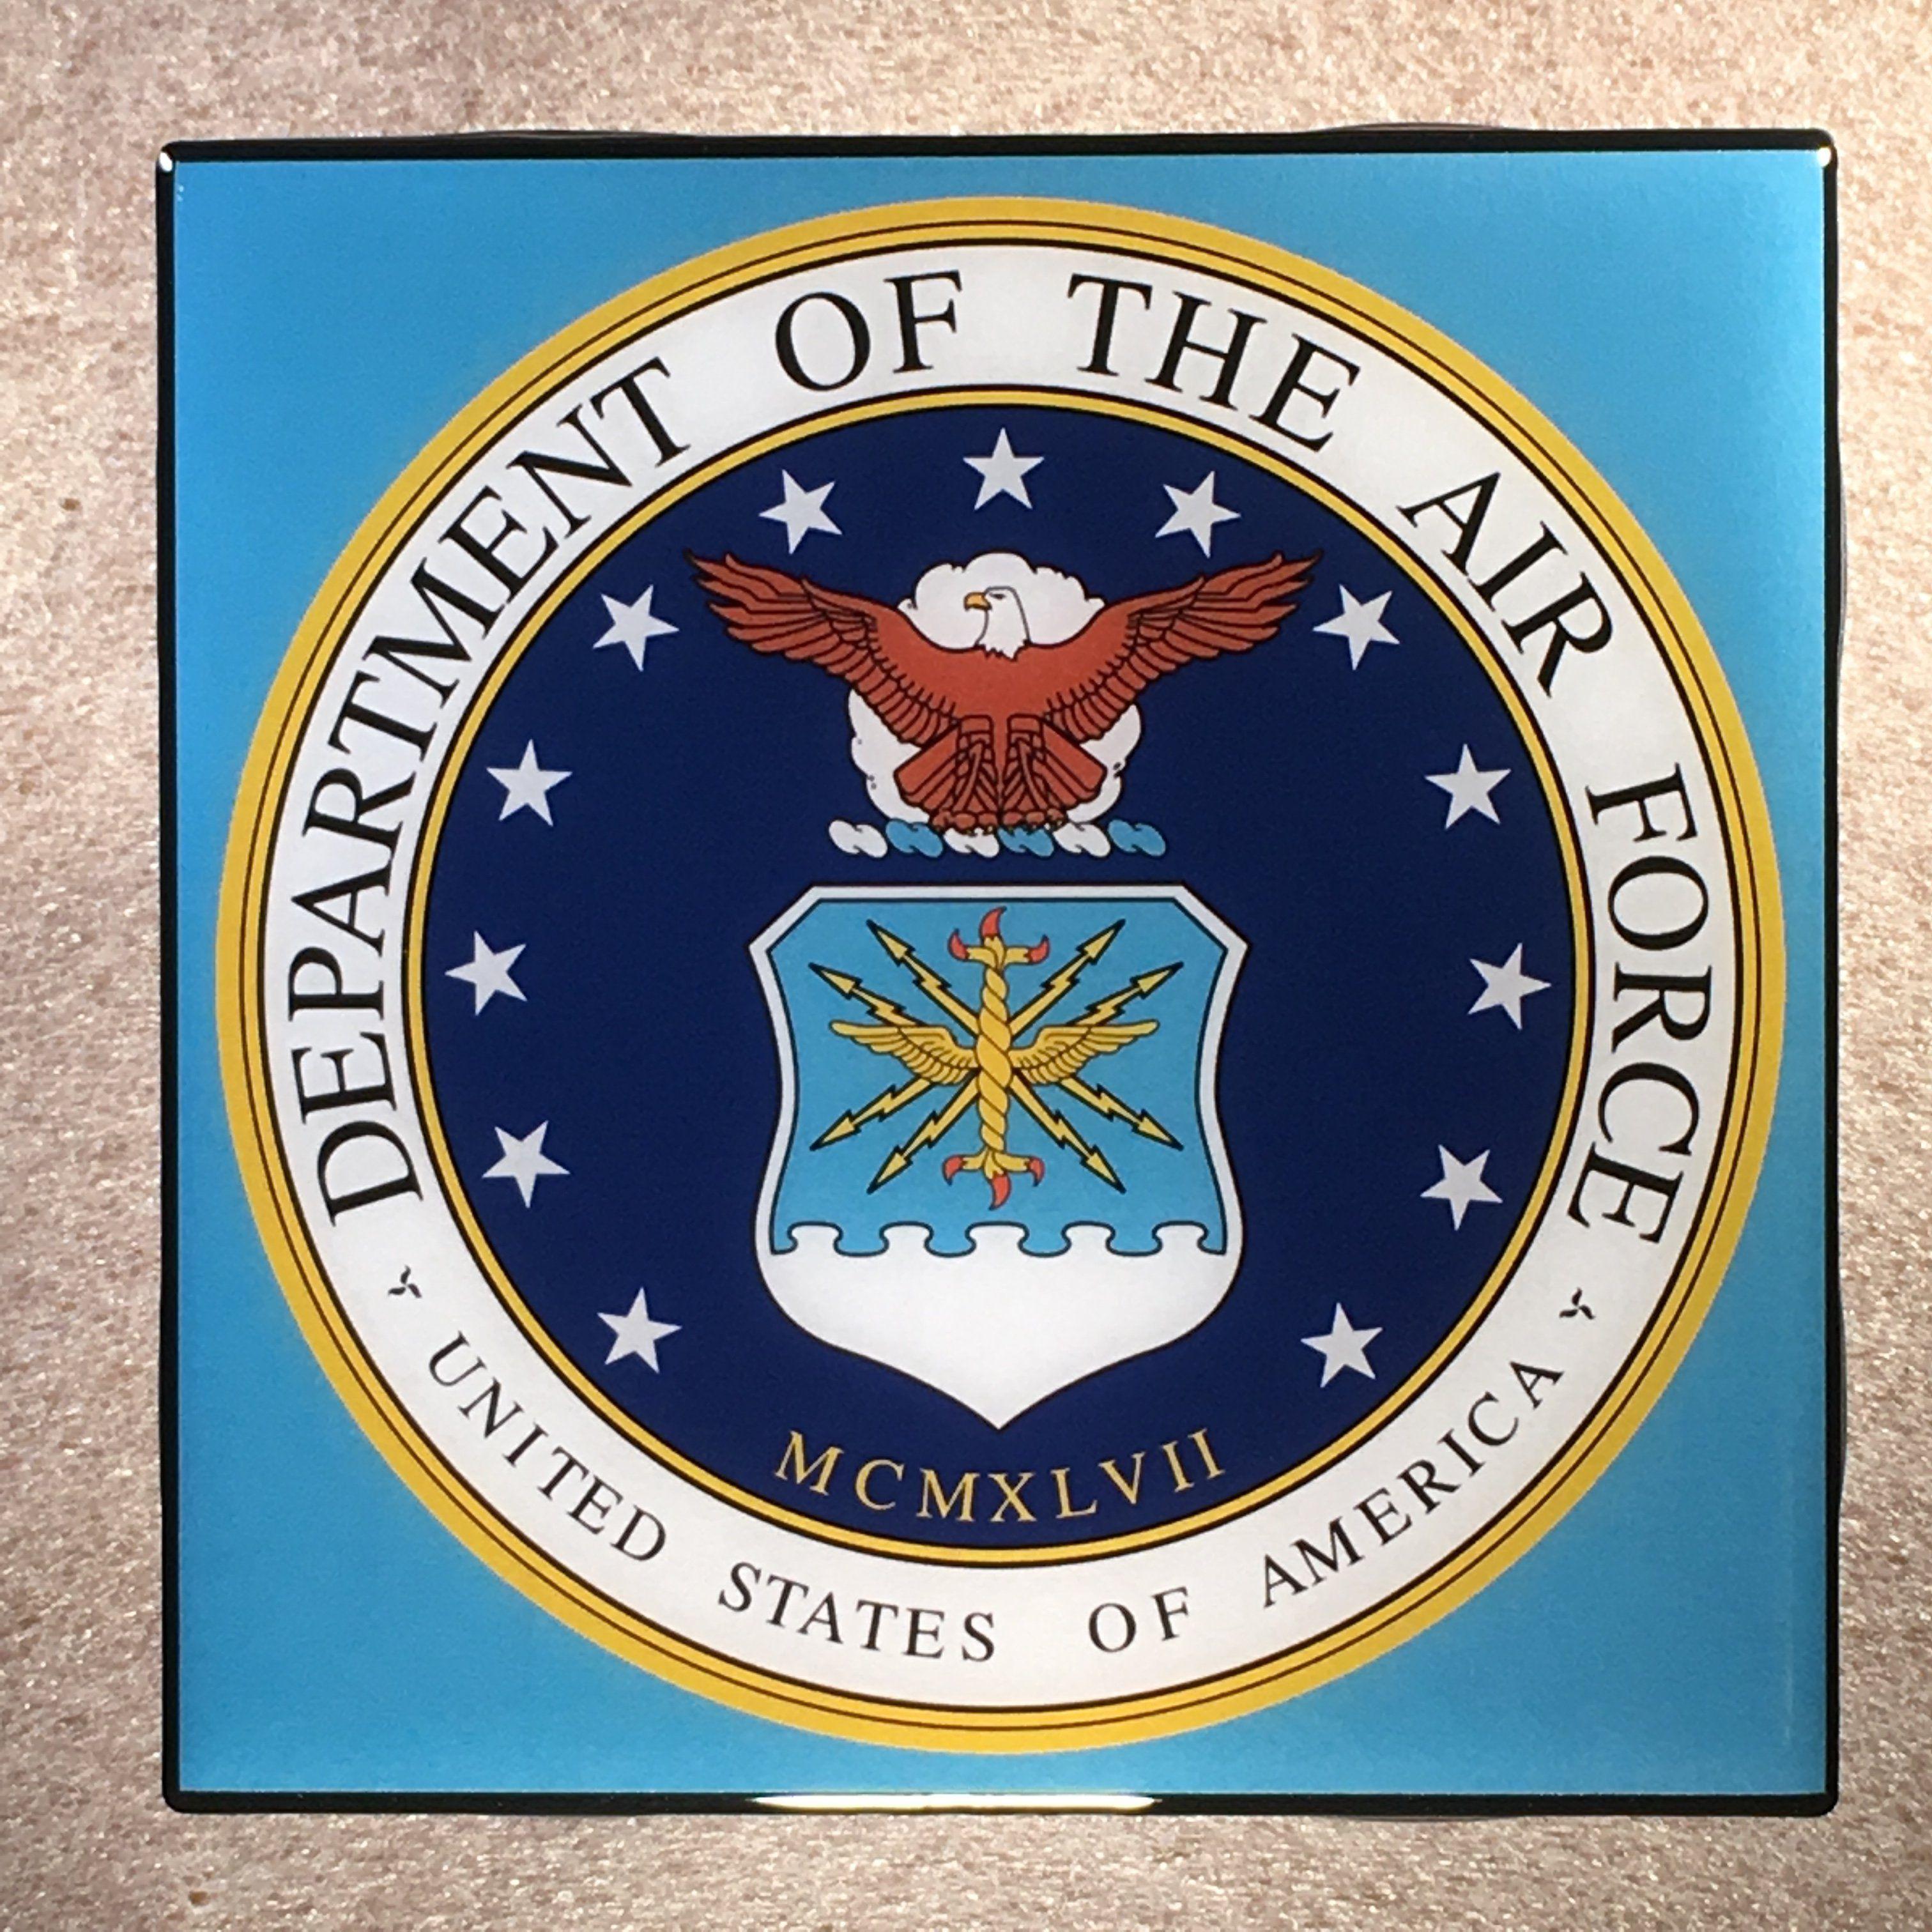 United ceramic tile gallery tile flooring design ideas united states air force coaster ceramic tile products united states air force coaster ceramic tile doublecrazyfo doublecrazyfo Images